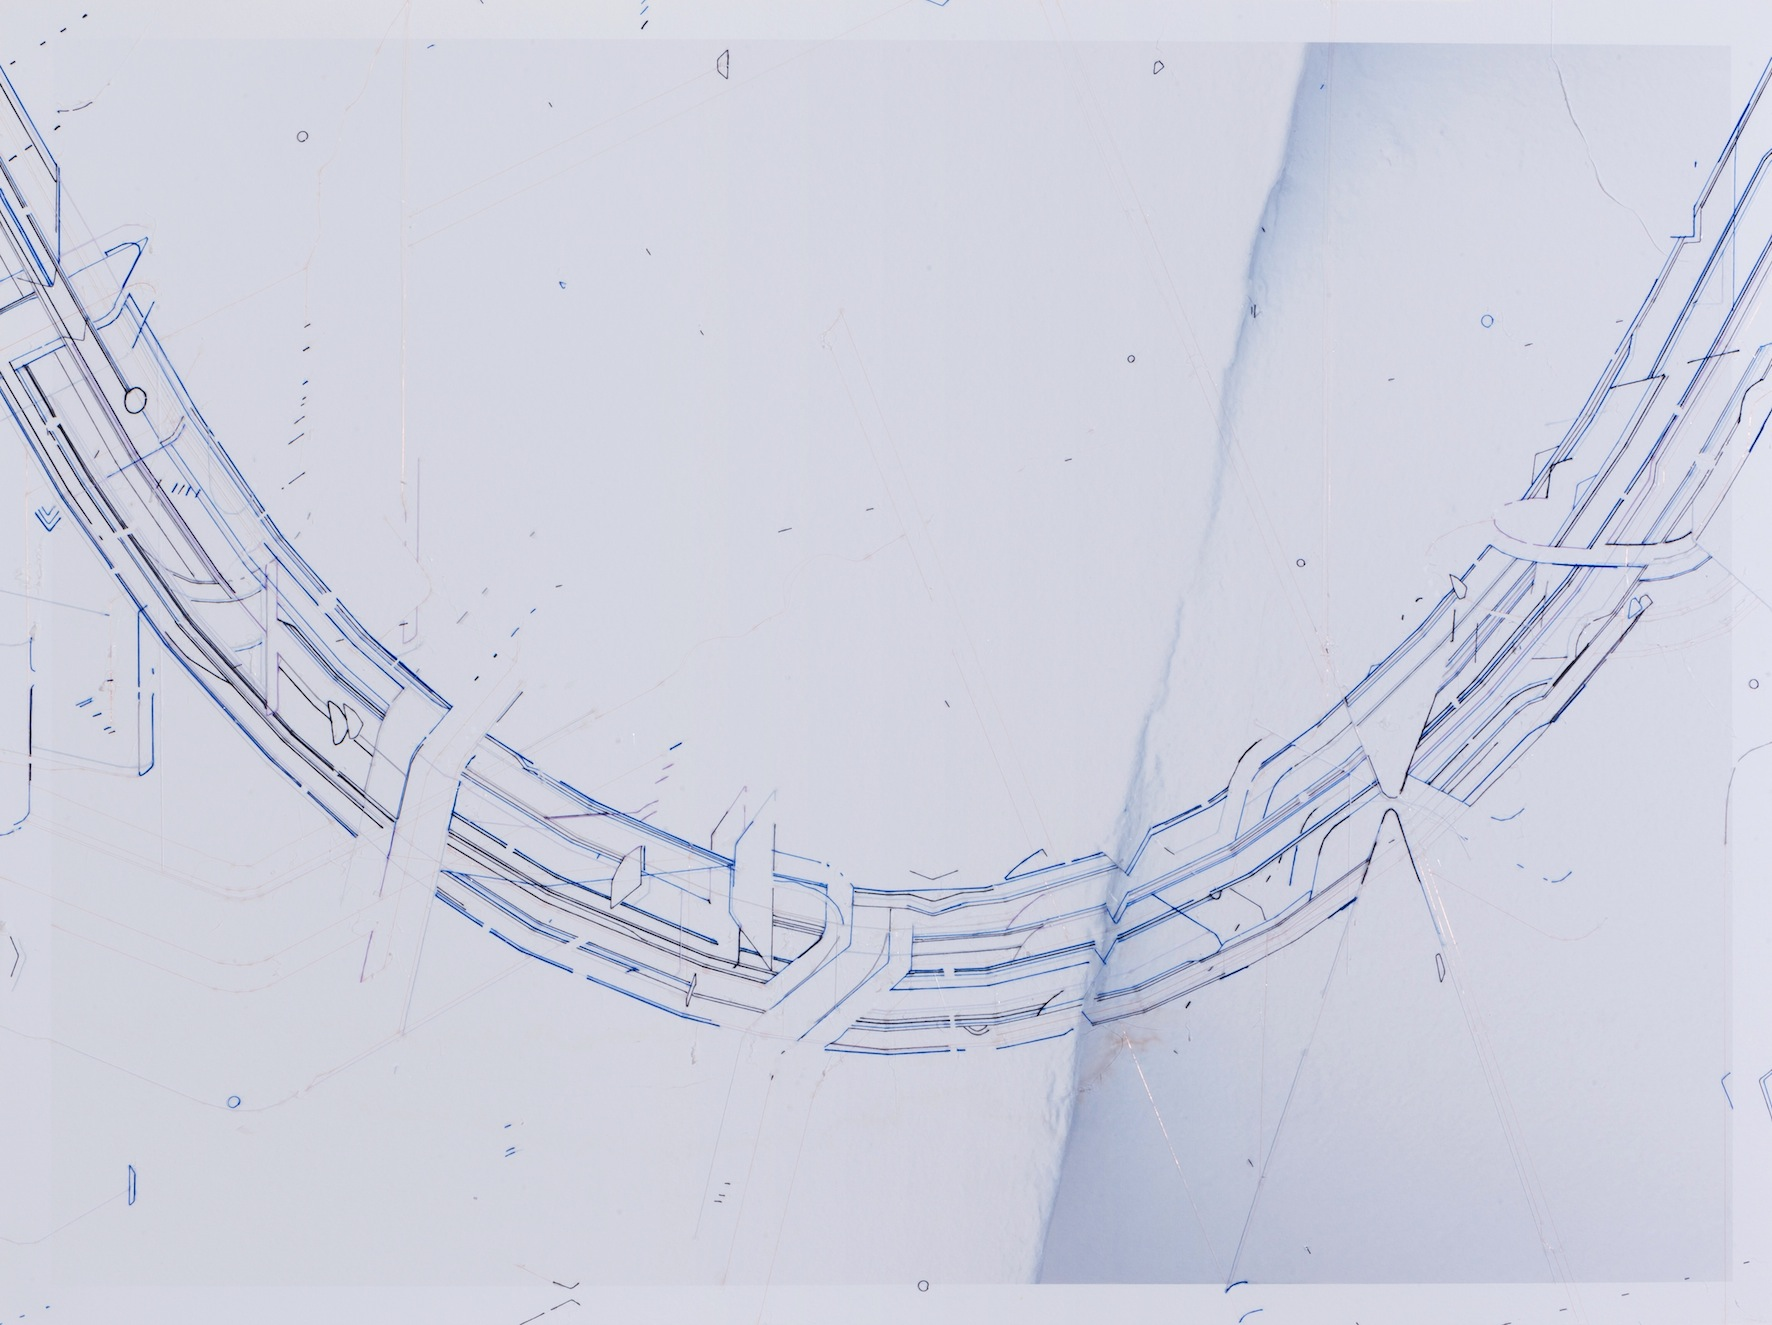 Keita Mori, Template (catenary)_ 2017 – fil de soie, de coton et de cuivre sur photographie – 60 x 80 cm – Galerie Catherine Putman